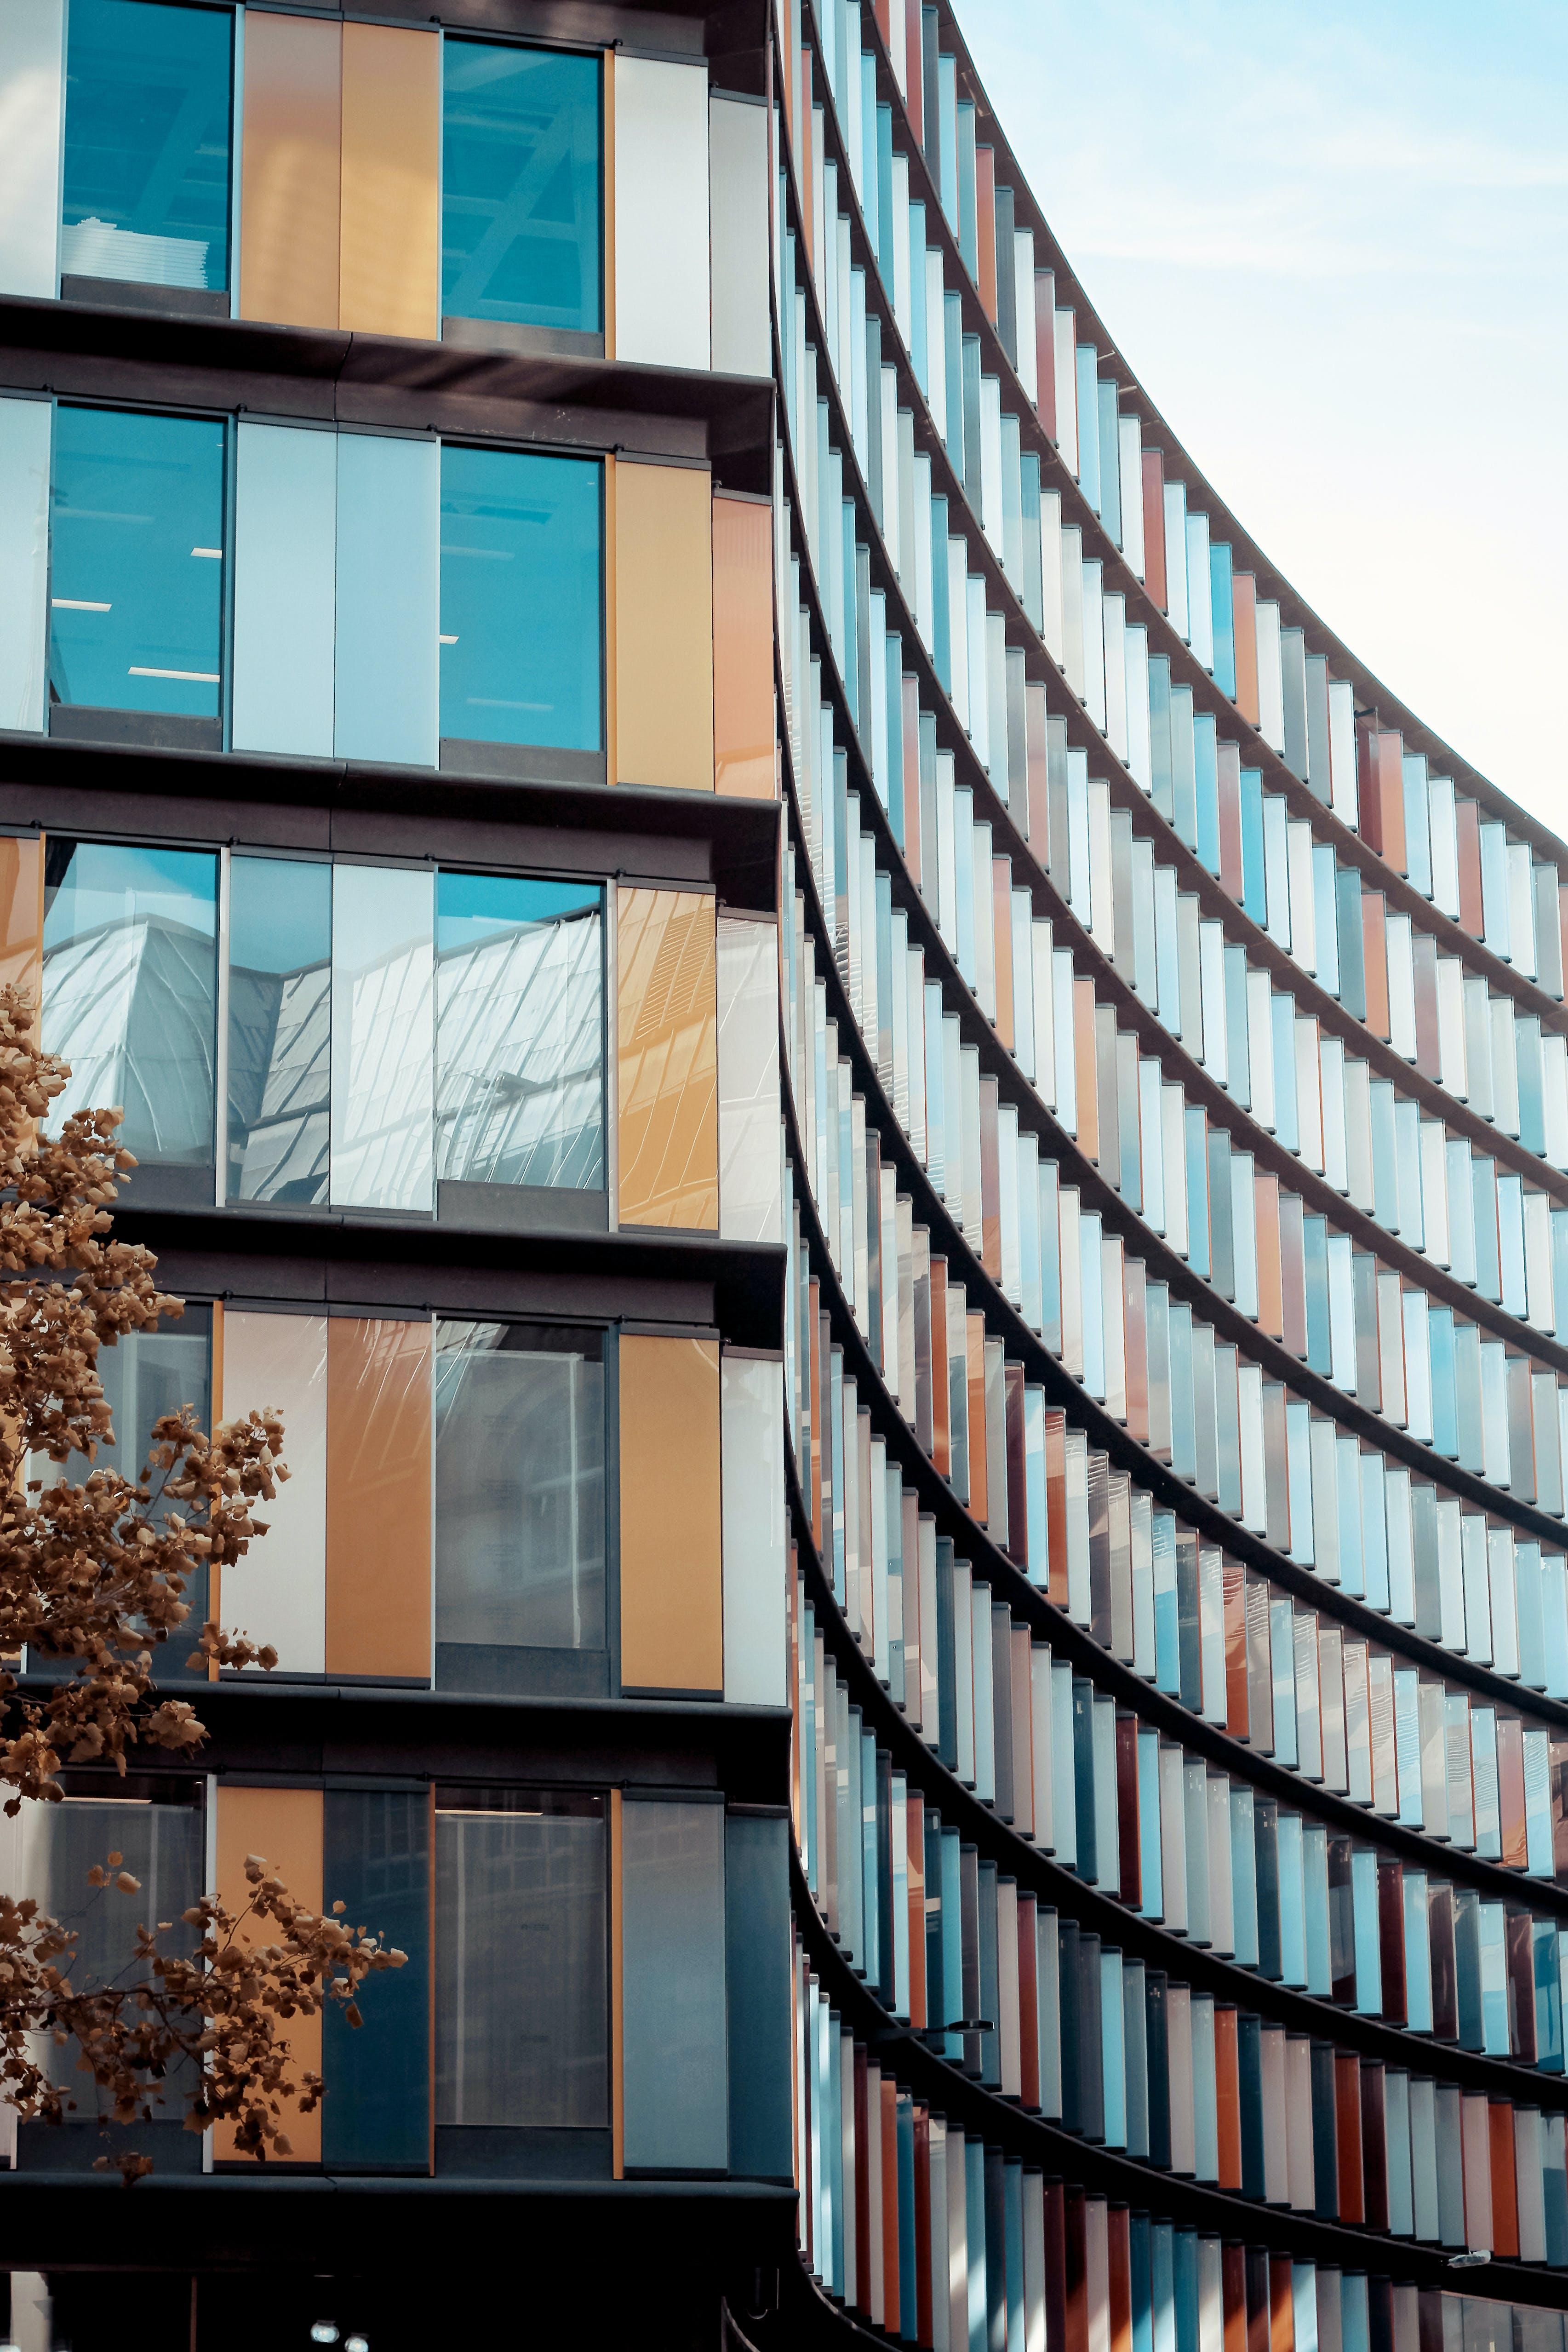 Kostenloses Stock Foto zu architektur, architekturdesign, außen, büros